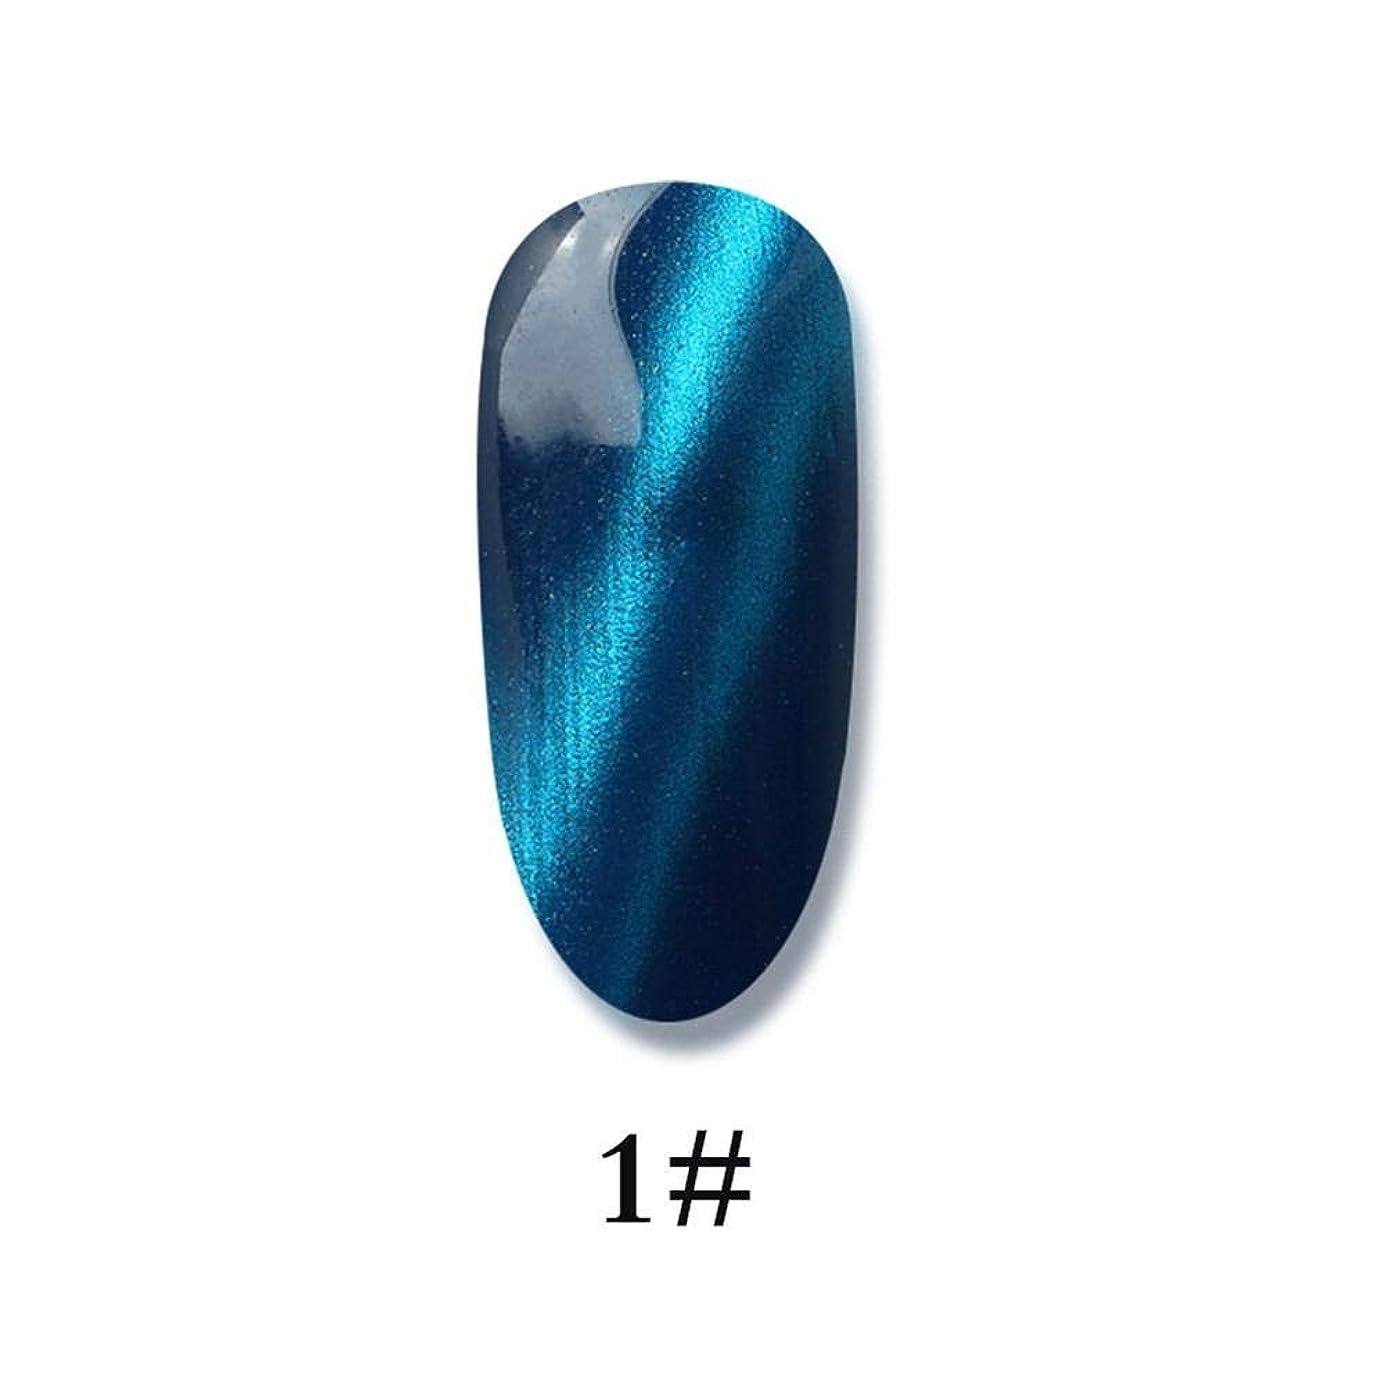 鉱石紫のオリエントネイルポリッシュ - ネイル光線療法用ゲル 3Dキャットアイジェルメイクアップネイルポリッシュグルー